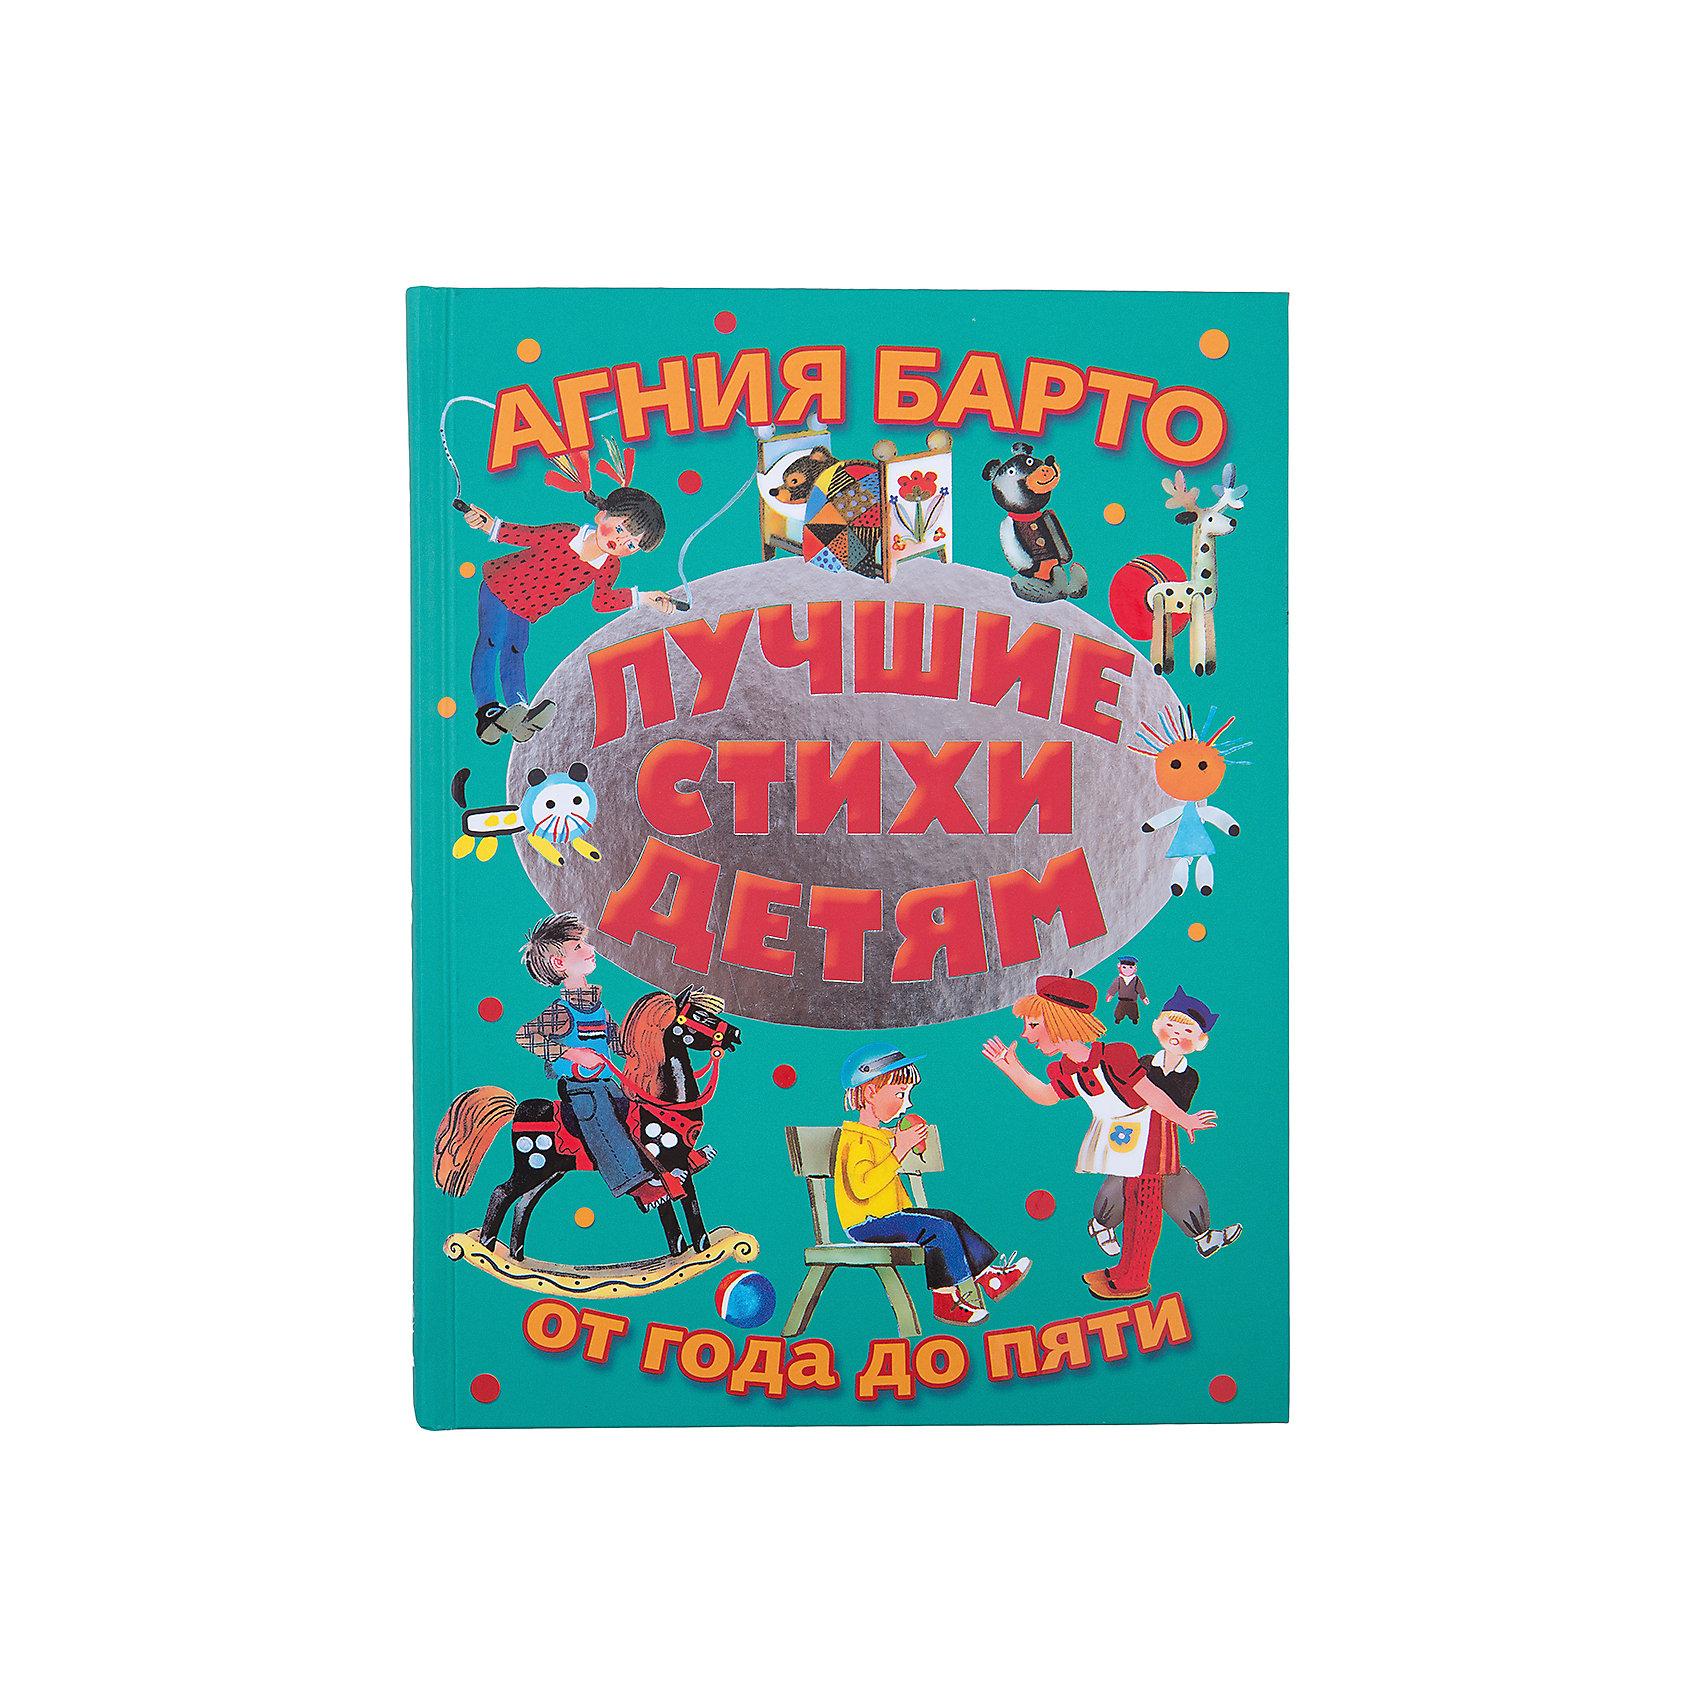 Лучшие стихи детям от года до пятиВ этой замечательной книге собраны любимые и всем известные стихи Агнии Барто. Издание дополнено красочными иллюстрациями, которые обязательно привекут внимание малышей. <br><br>Дополнительная информация:<br><br>- Автор: Агния Барто.<br>- Формат: 26,5x20 см.<br>- Переплет: твердый. <br>- Количество страниц: 240.<br>- Иллюстрации: цветные.<br><br>Книгу Лучшие стихи детям от года до пяти можно купить в нашем магазине.<br><br>Внимание! В соответствии с Постановлением Правительства Российской Федерации от 19.01.1998 № 55, непродовольственные товары надлежащего качества нижеследующих категорий не подлежат возврату и обмену: непериодические издания (книги, брошюры, альбомы, картографические и нотные издания, листовые изоиздания, календари, буклеты, открытки, издания, воспроизведенные на технических носителях информации).<br><br>Ширина мм: 255<br>Глубина мм: 195<br>Высота мм: 19<br>Вес г: 800<br>Возраст от месяцев: 0<br>Возраст до месяцев: 36<br>Пол: Унисекс<br>Возраст: Детский<br>SKU: 4760105